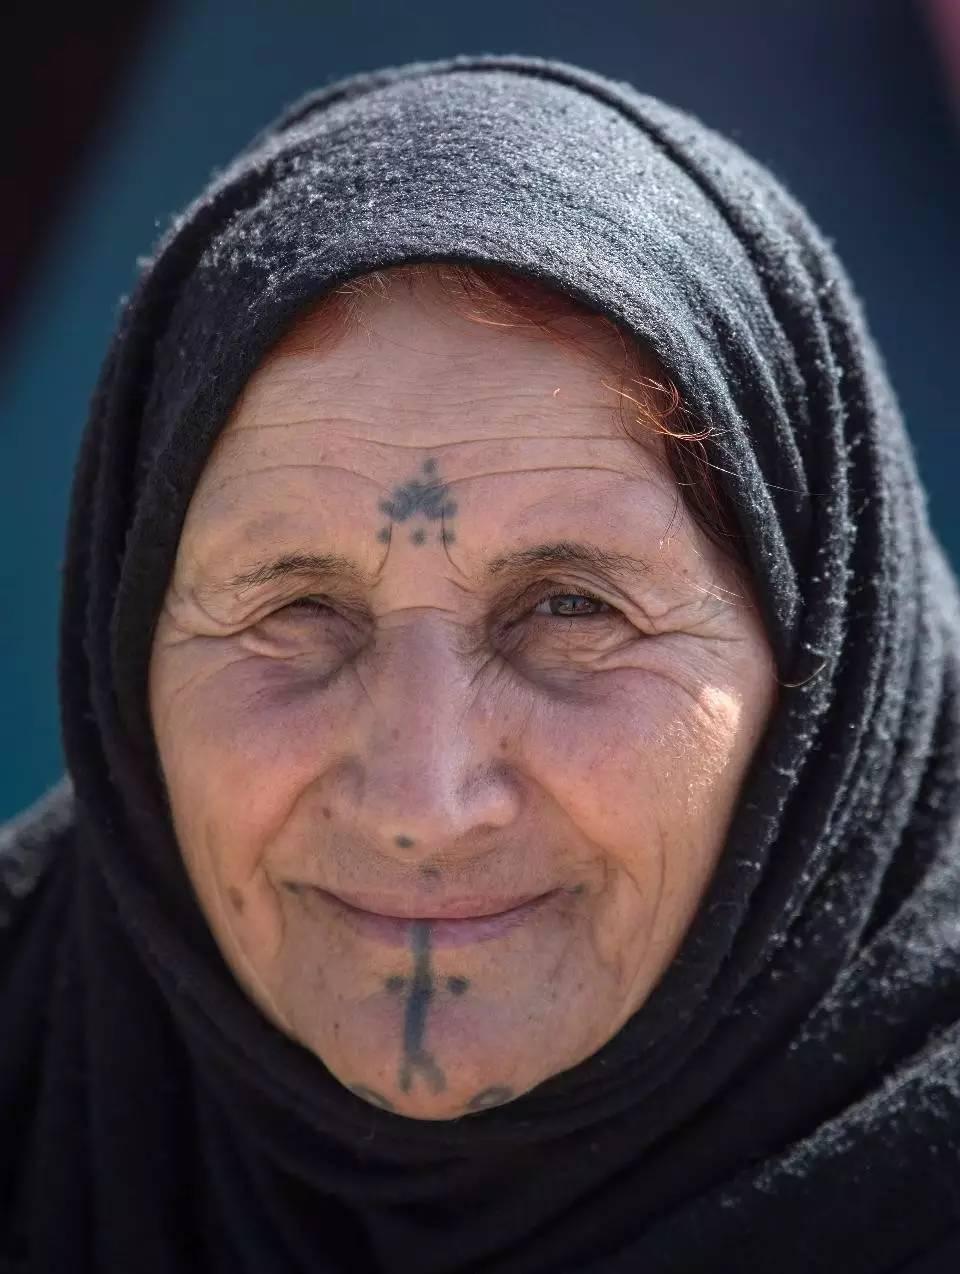 纹身禁忌?宗教性纹身的历史